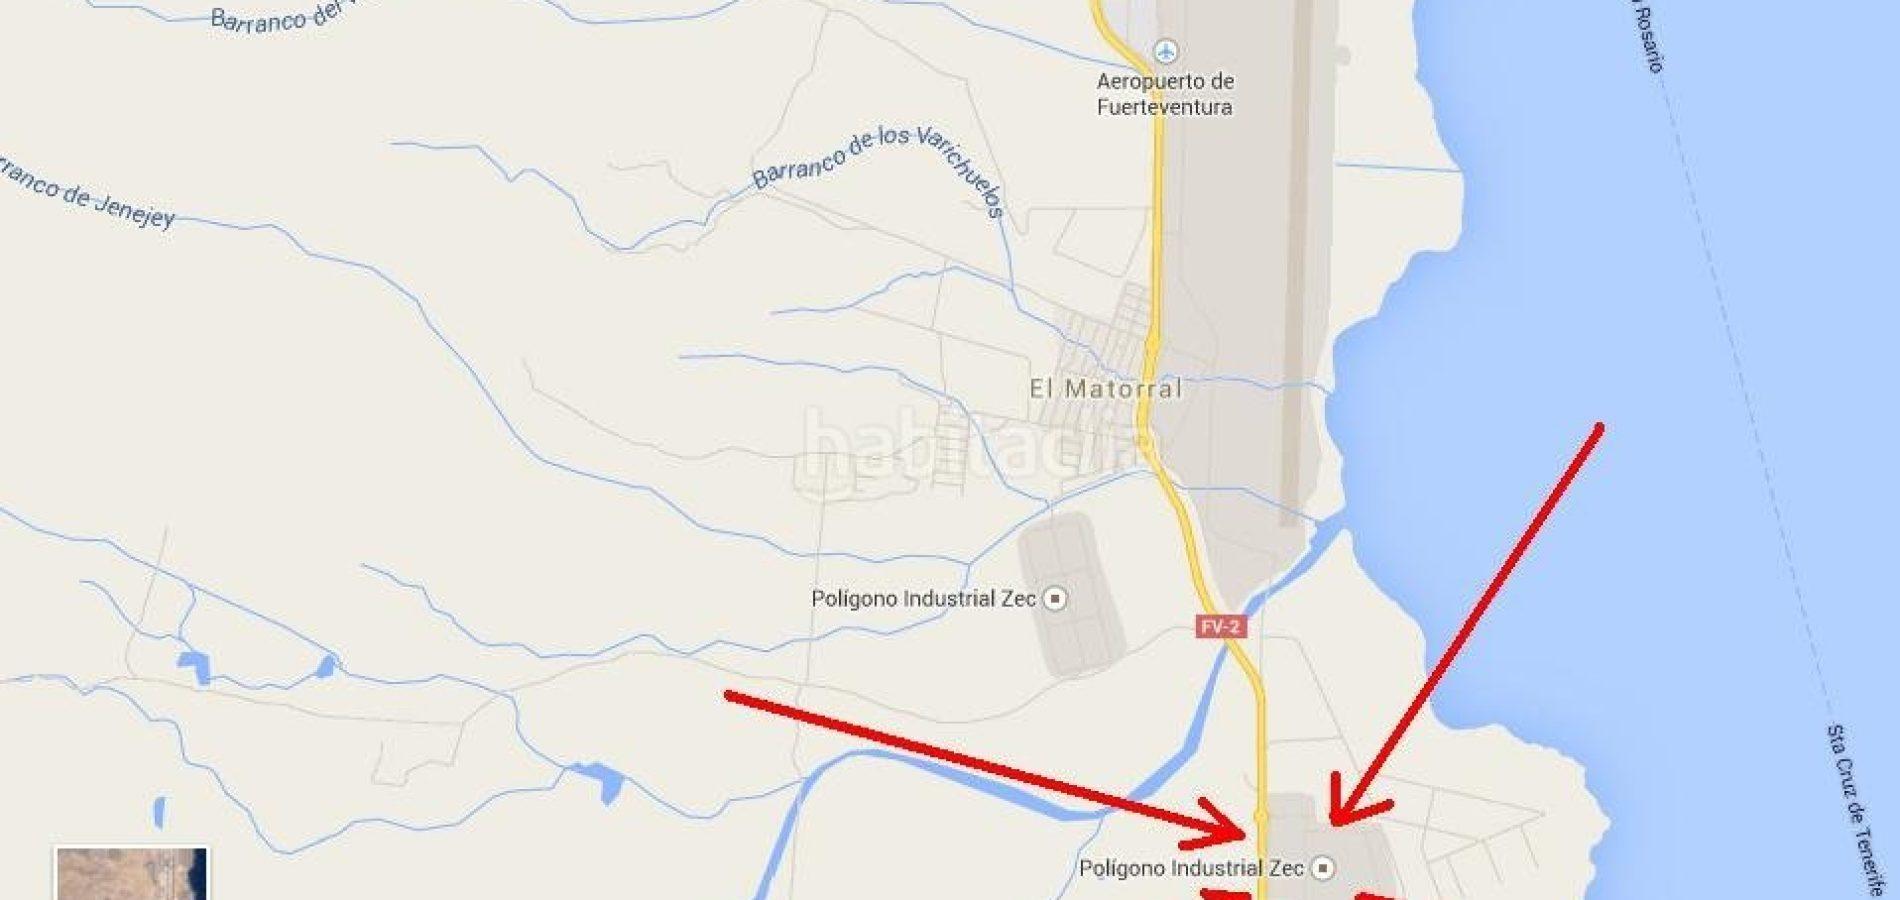 Se busca NAVE de 500m2 para ALQUILAR en polígono industrial El Matorral.